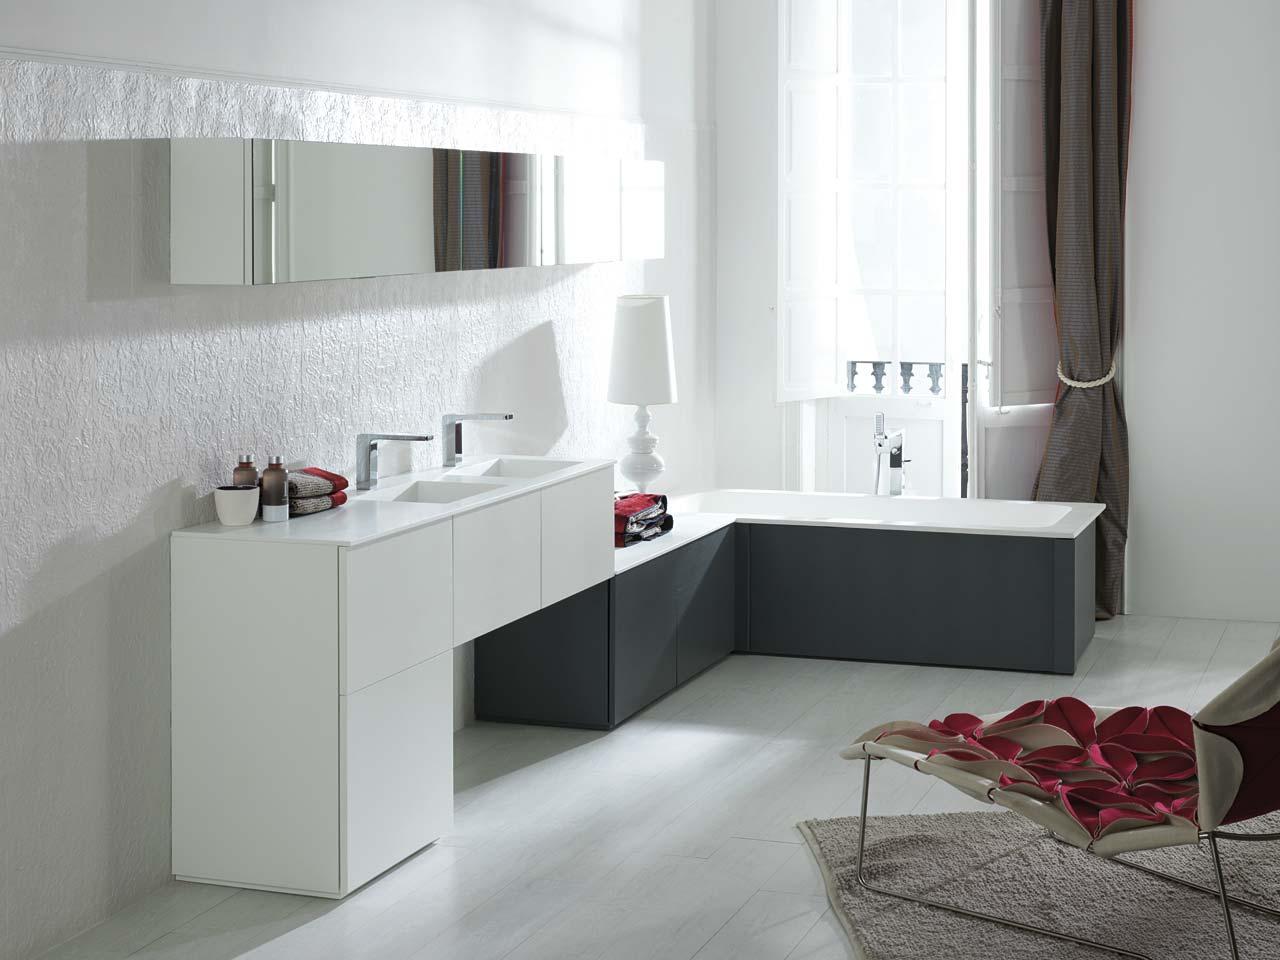 Beton cire salle de bain leroy merlin - Idee carrelage salle de bain moderne ...